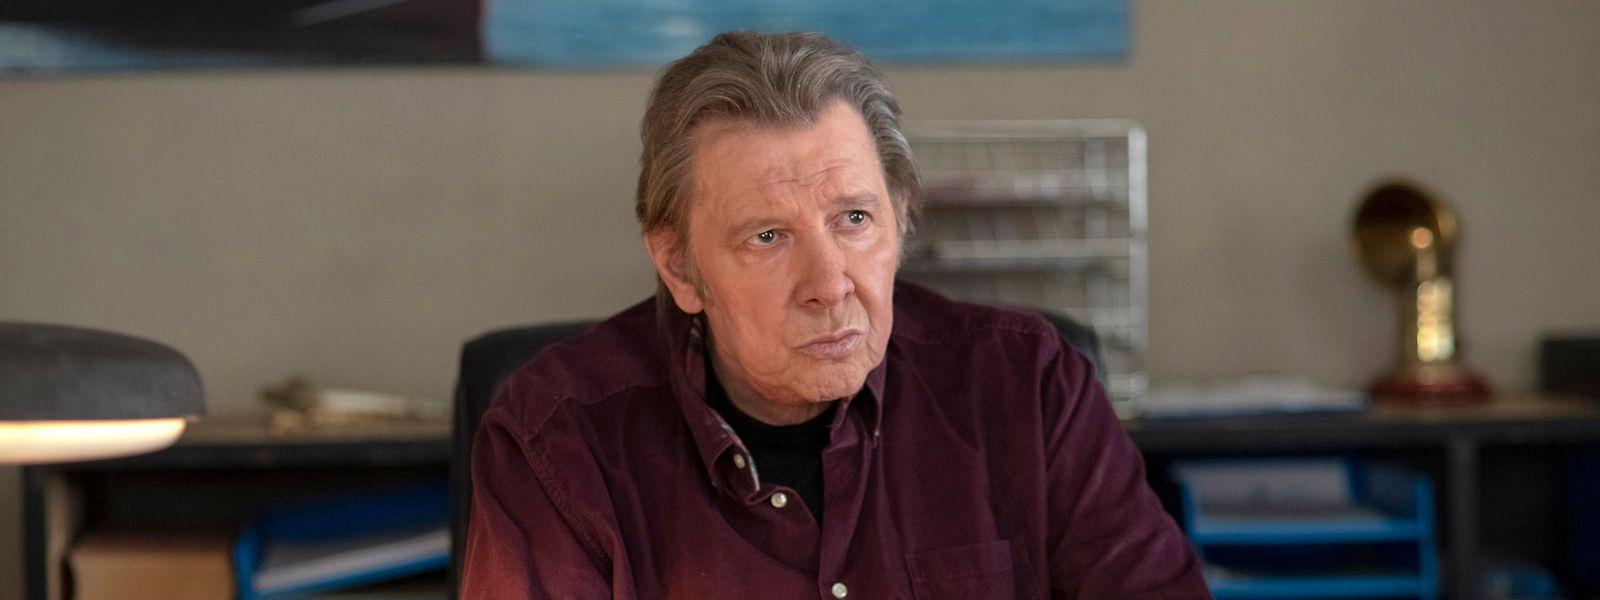 Am Schreibtisch: Jan Fedder saß zuletzt im Rollstuhl – seine Rolle wurde dementsprechend umgeschrieben.